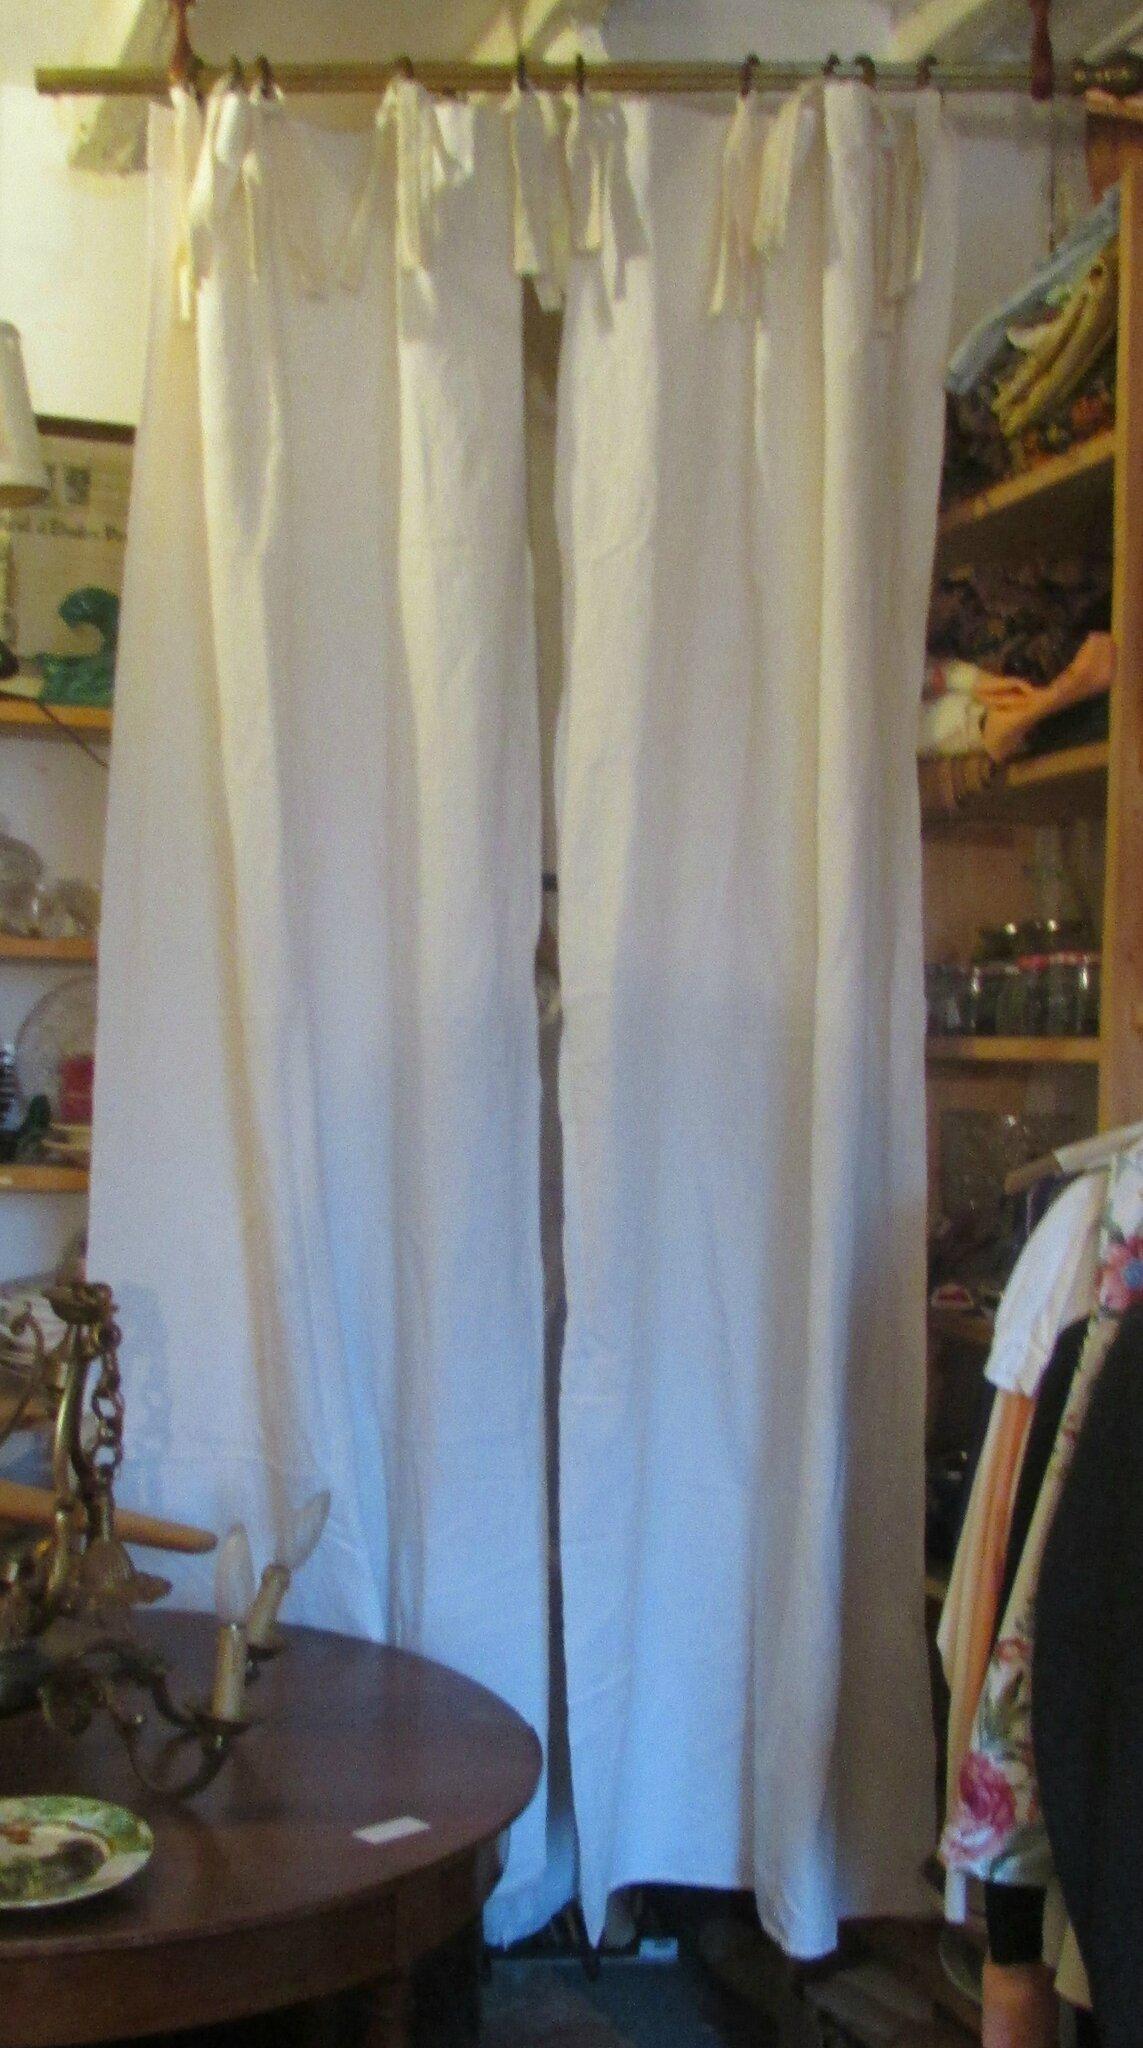 Double rideaux lin blanc casse draps anciens en lin linge - Double rideaux en lin ...